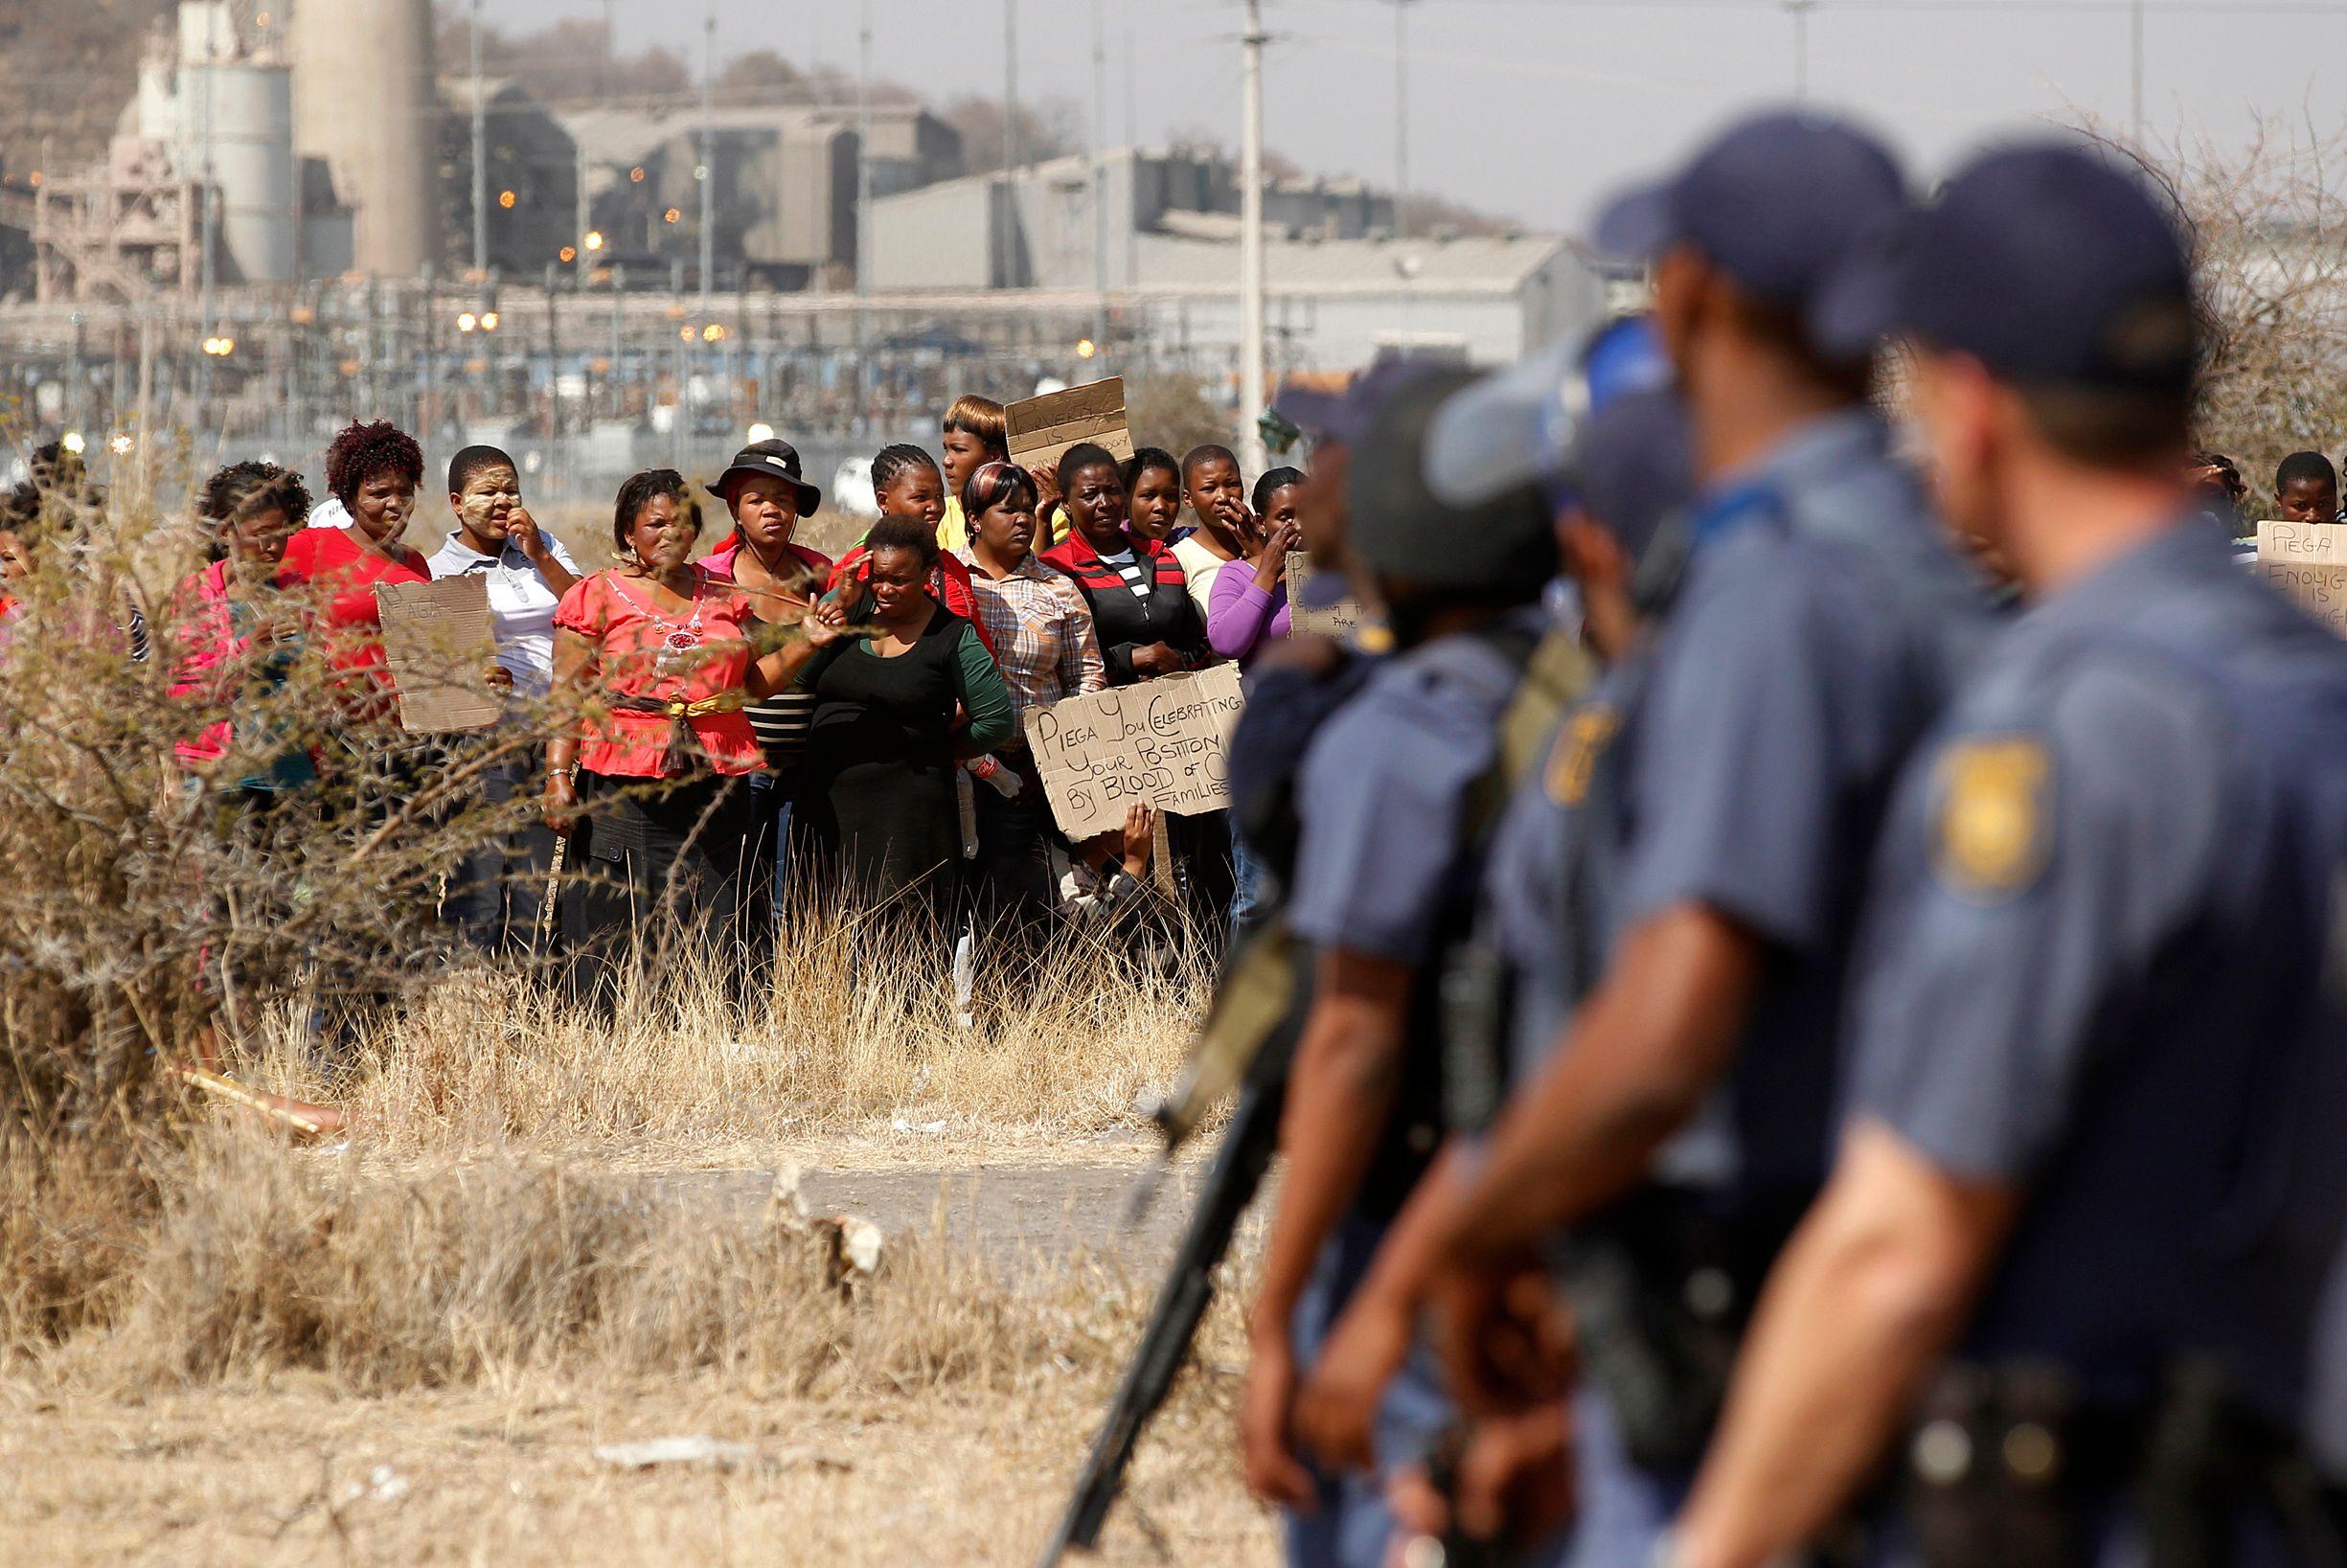 La police a ouvert le feu jeudi 16 août contre des grévistes armés de machettes, barres de fer et pour certains d'armes à feu, faisant 34 morts et 78 blessés.